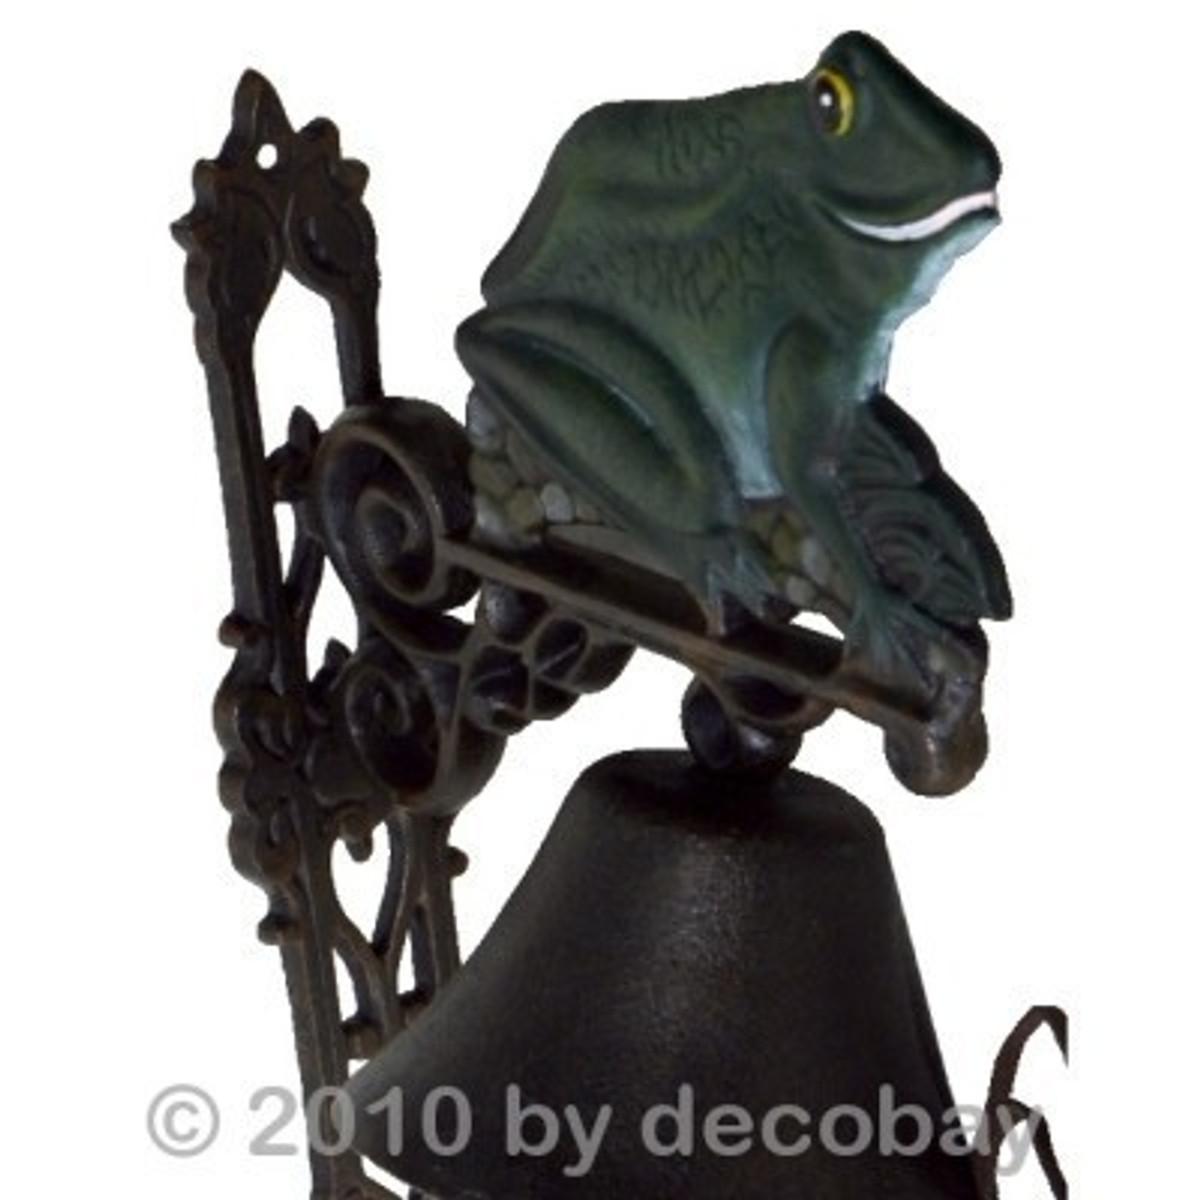 Garten Glocke Gußeisen mit tollem Frosch Motiv als Wanddekoration für Haustür.